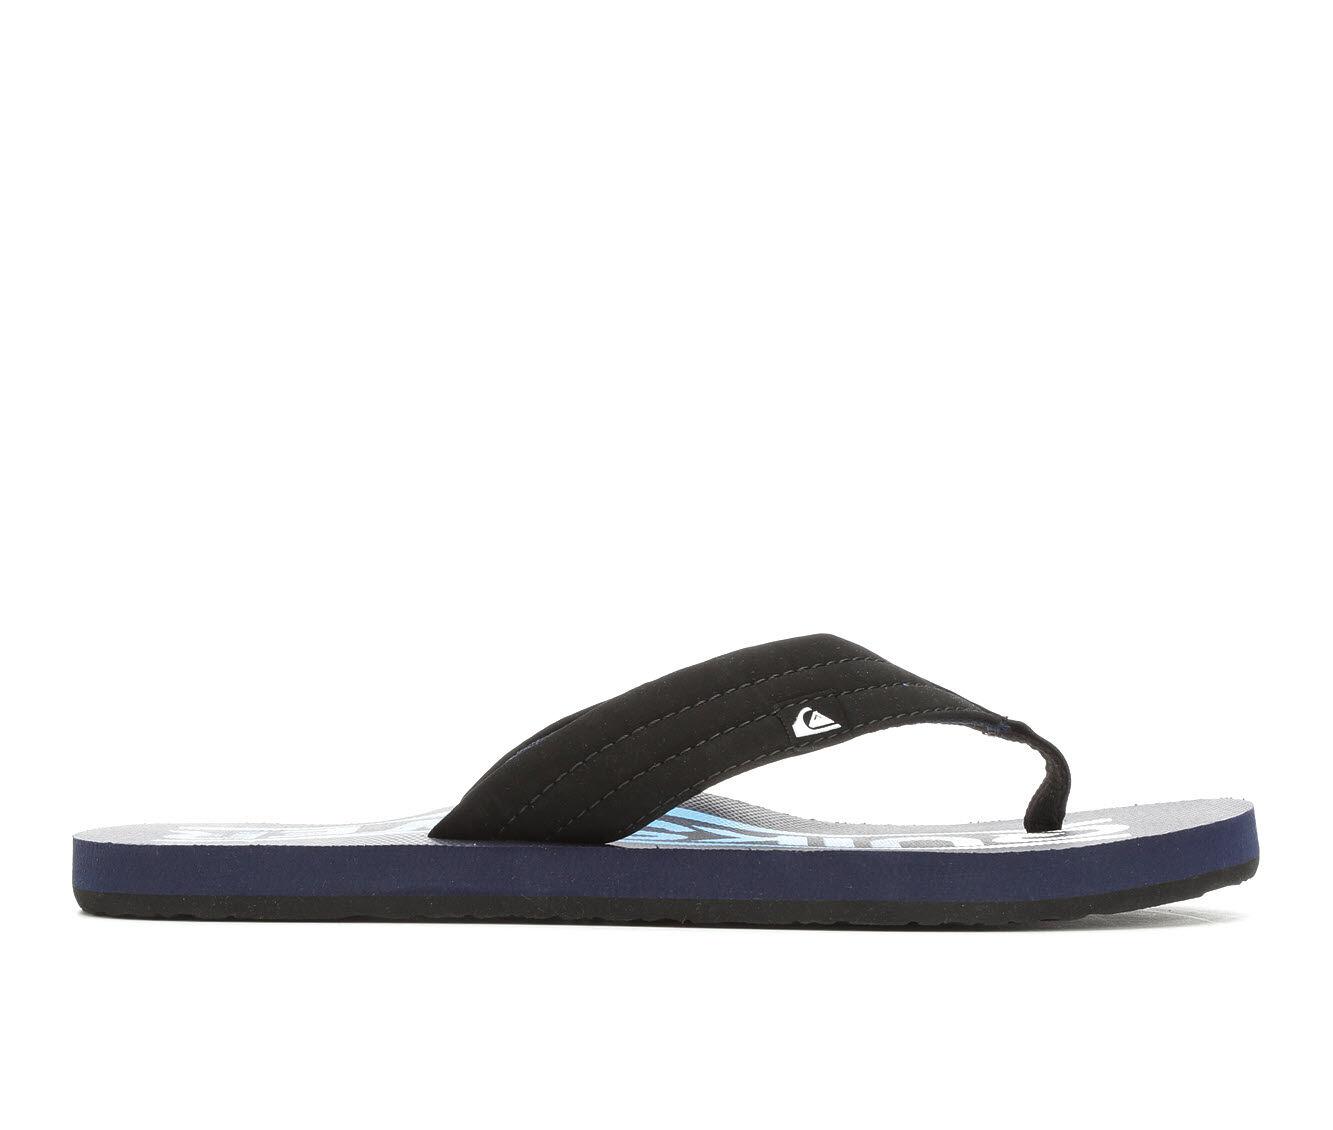 Men's Quiksilver Foundation 2 Flip-Flops Black/Blue/Blac